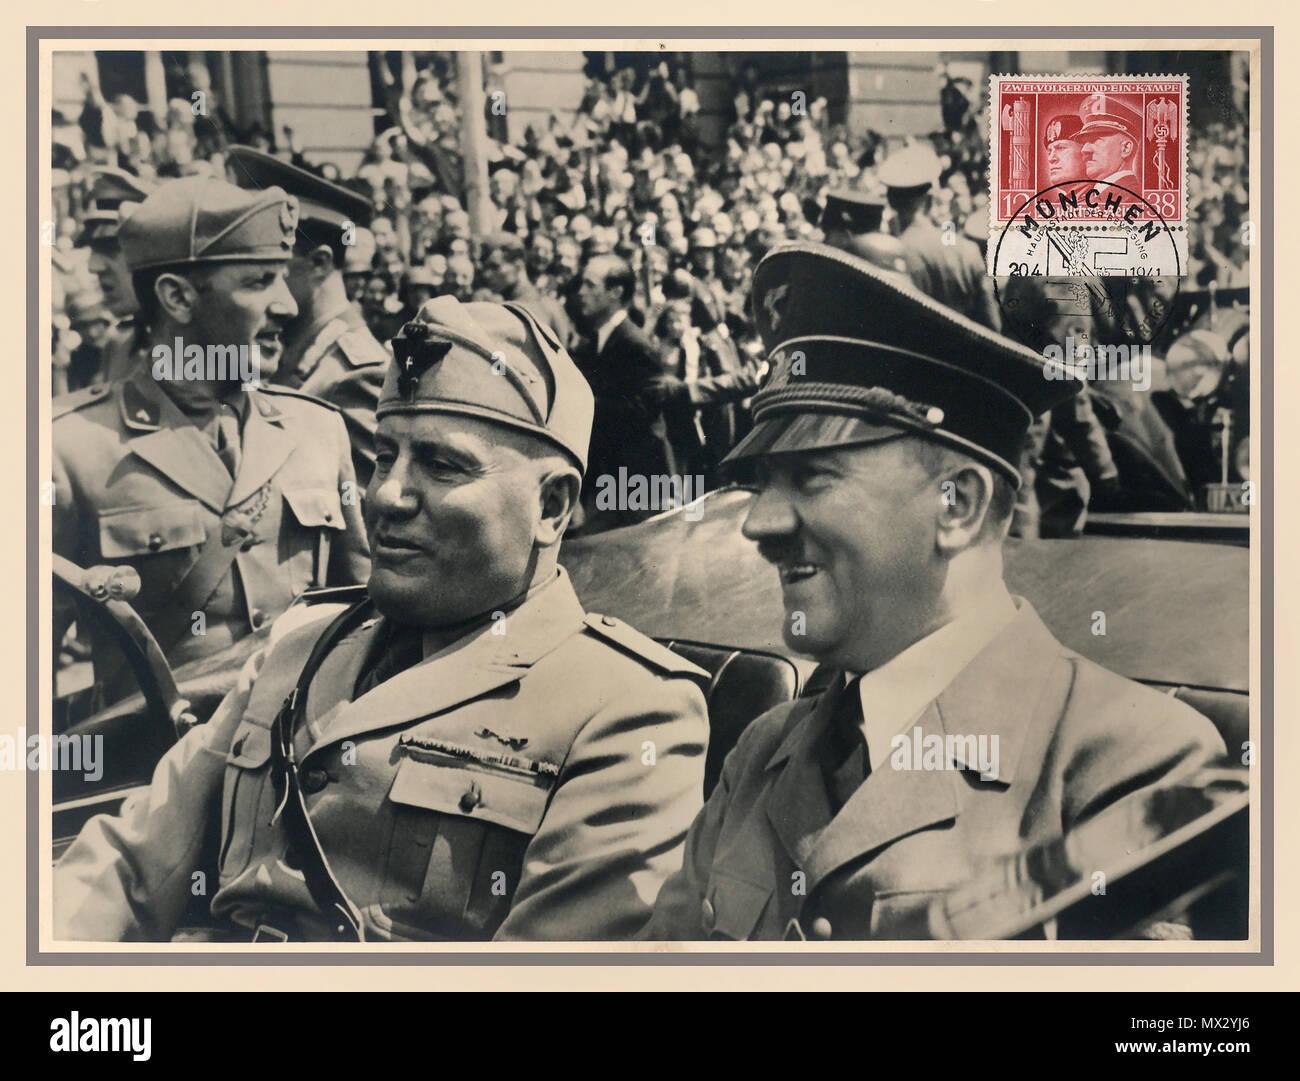 Jahrgang 1940 deutschen beliebten sepia Postkarte mit Briefmarke Benito Mussolini und Adolf Hitler in offenen Mercedes Auto München, Deutschland Juni 1940 während WW2 Stockfoto